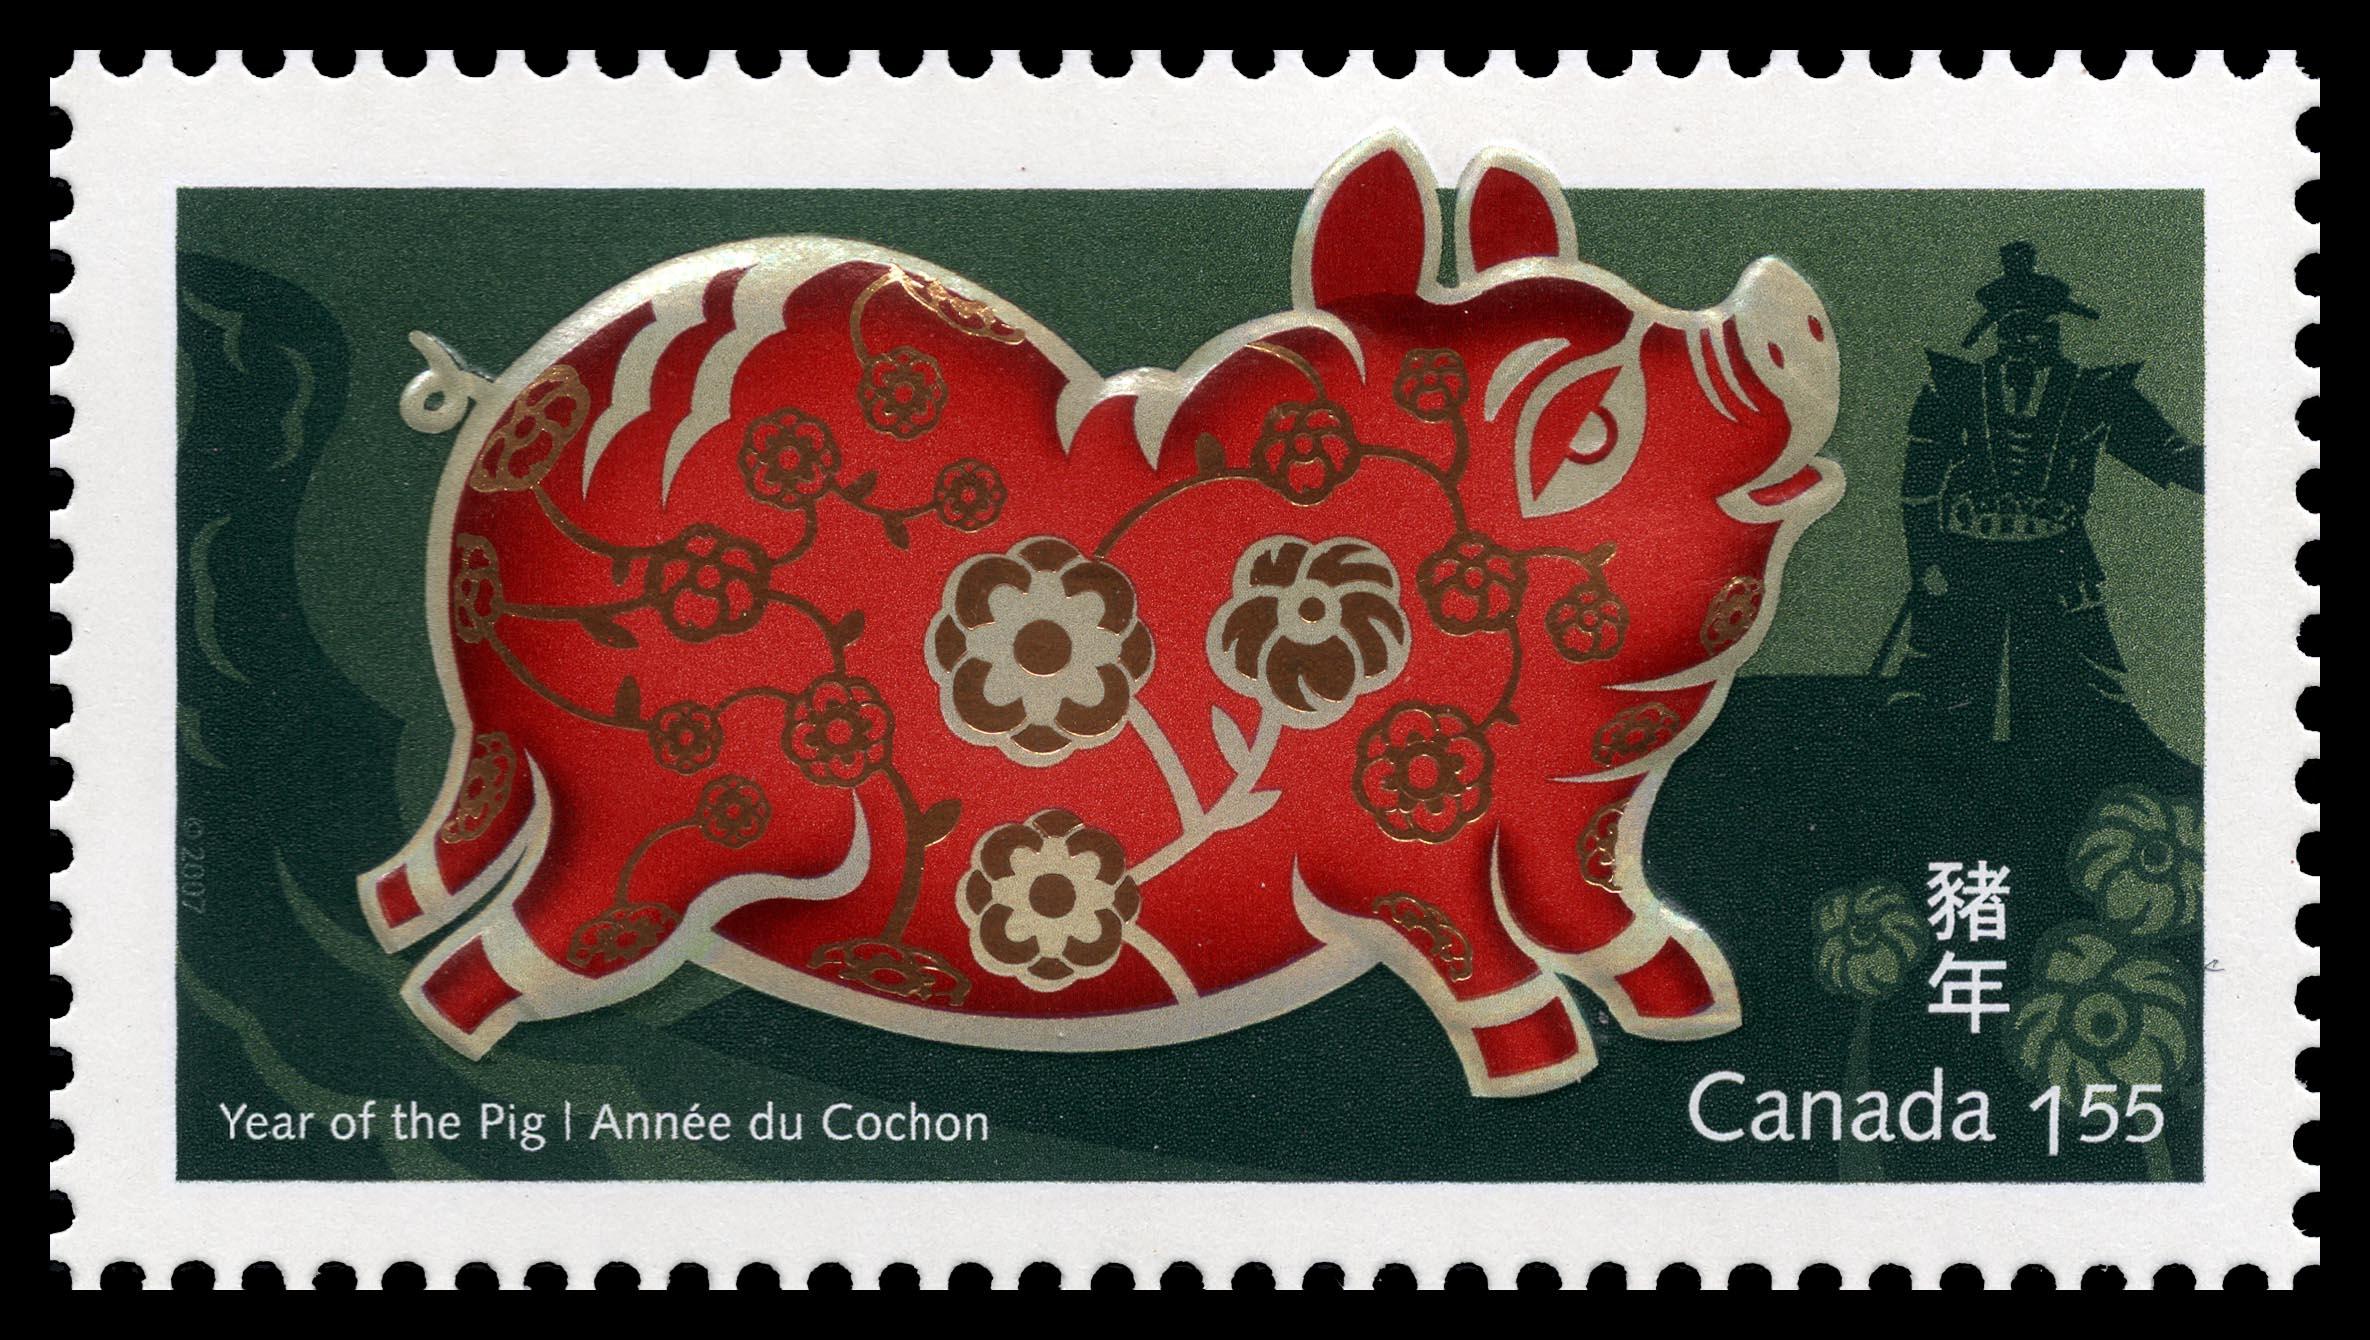 Картинки, год 2007 открытки